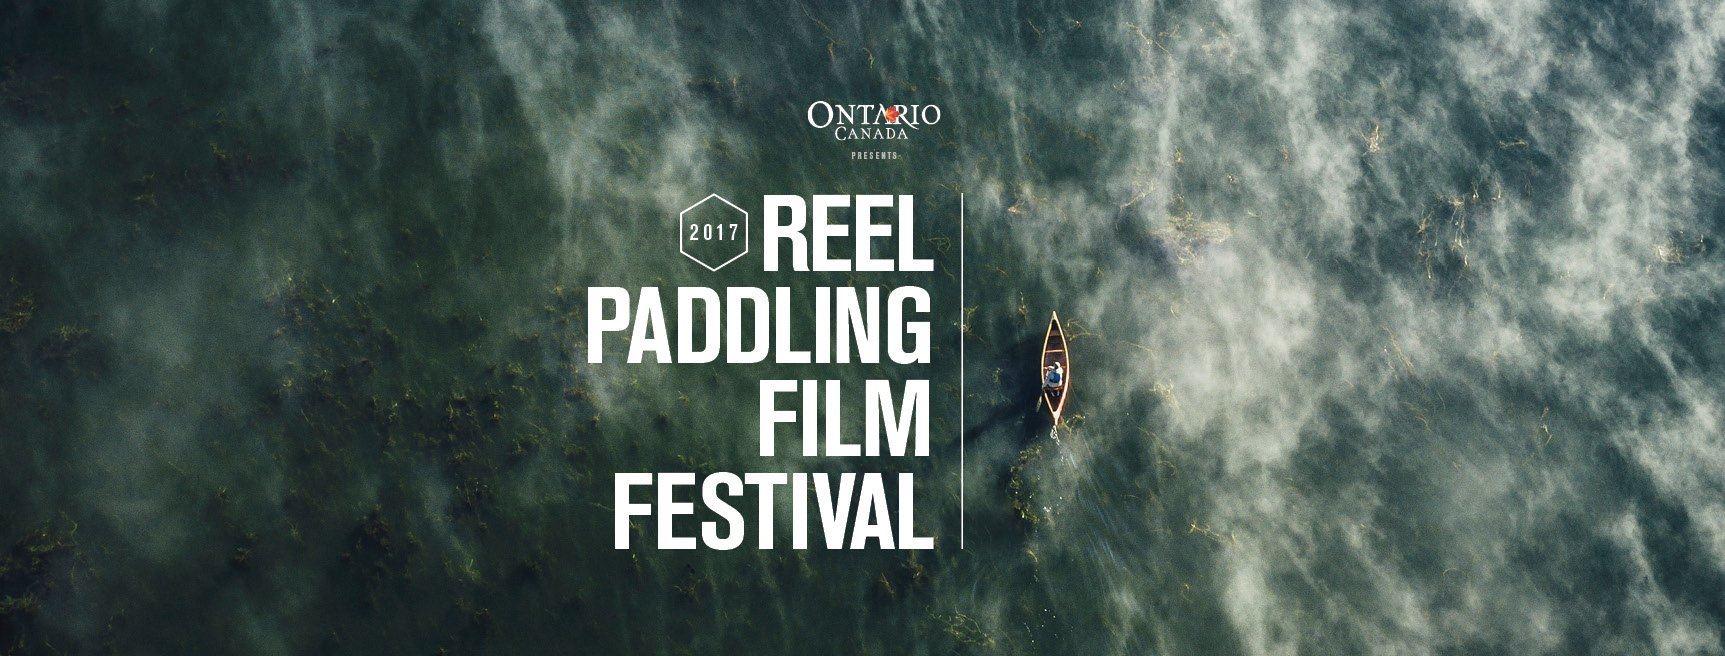 Reel Paddling Film Festival World Tour 2017 - Strömsbruk, Sweden